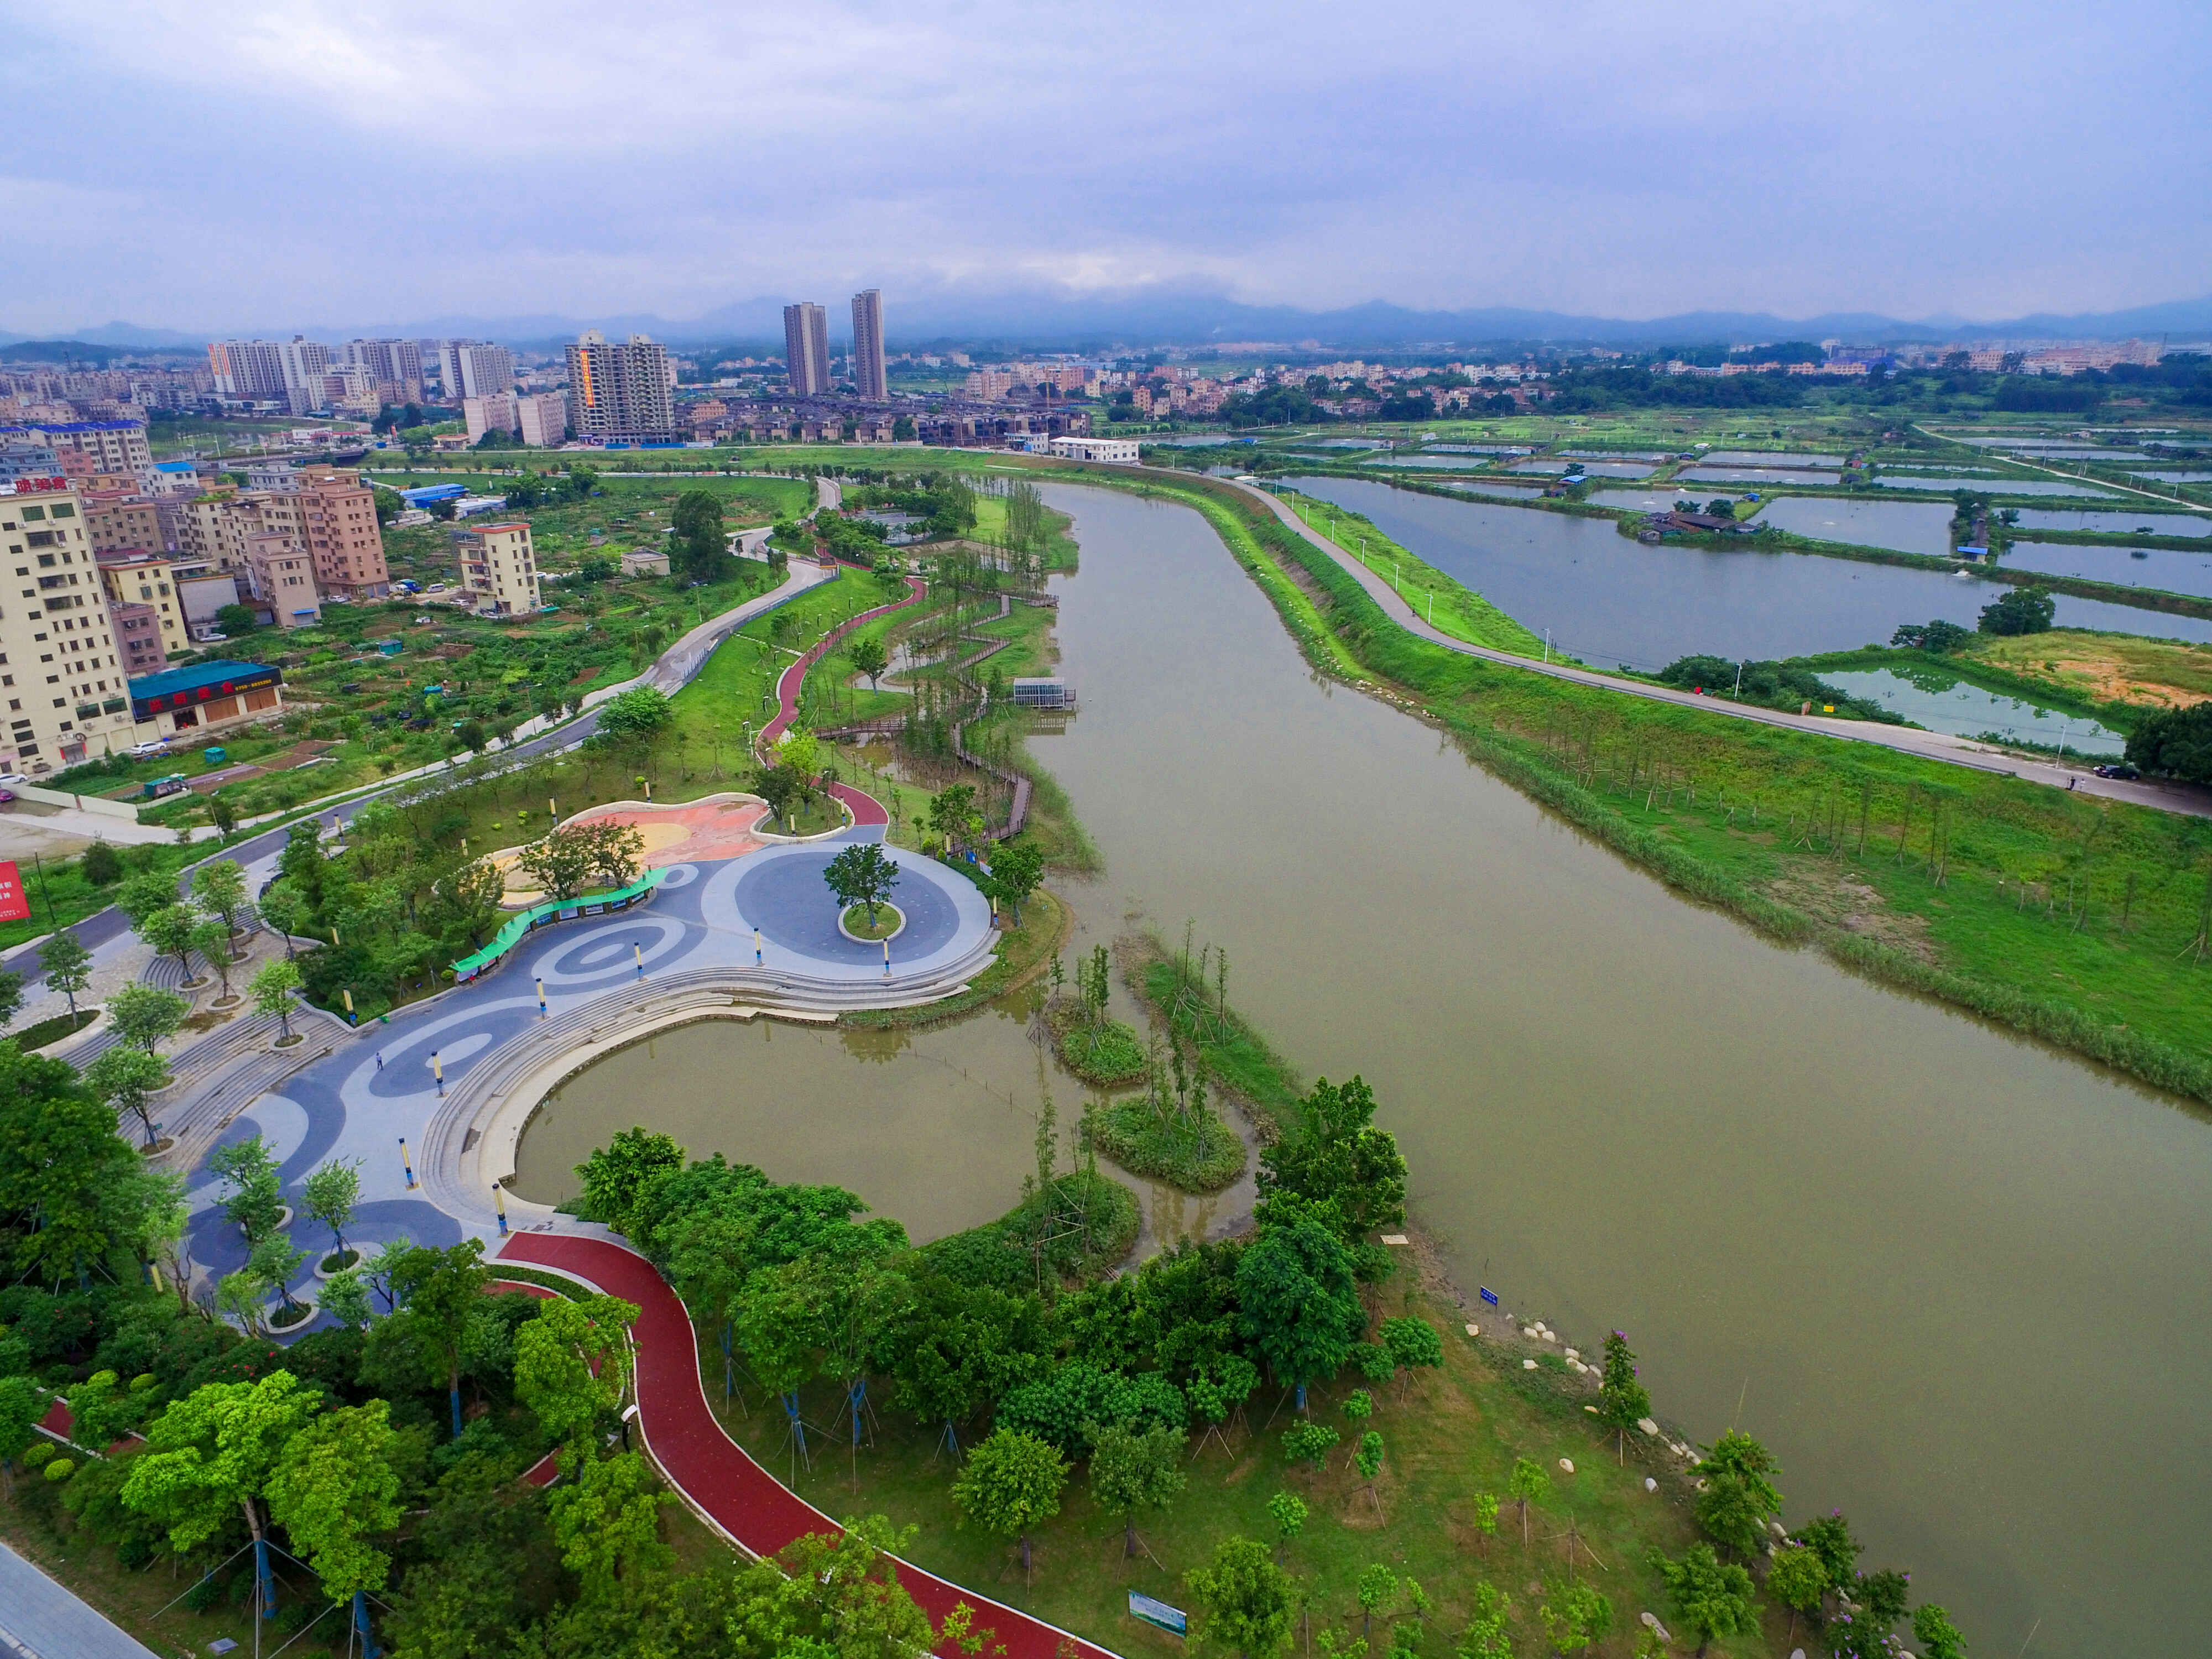 广东省鹤山市·沙坪河综合整治工程项目